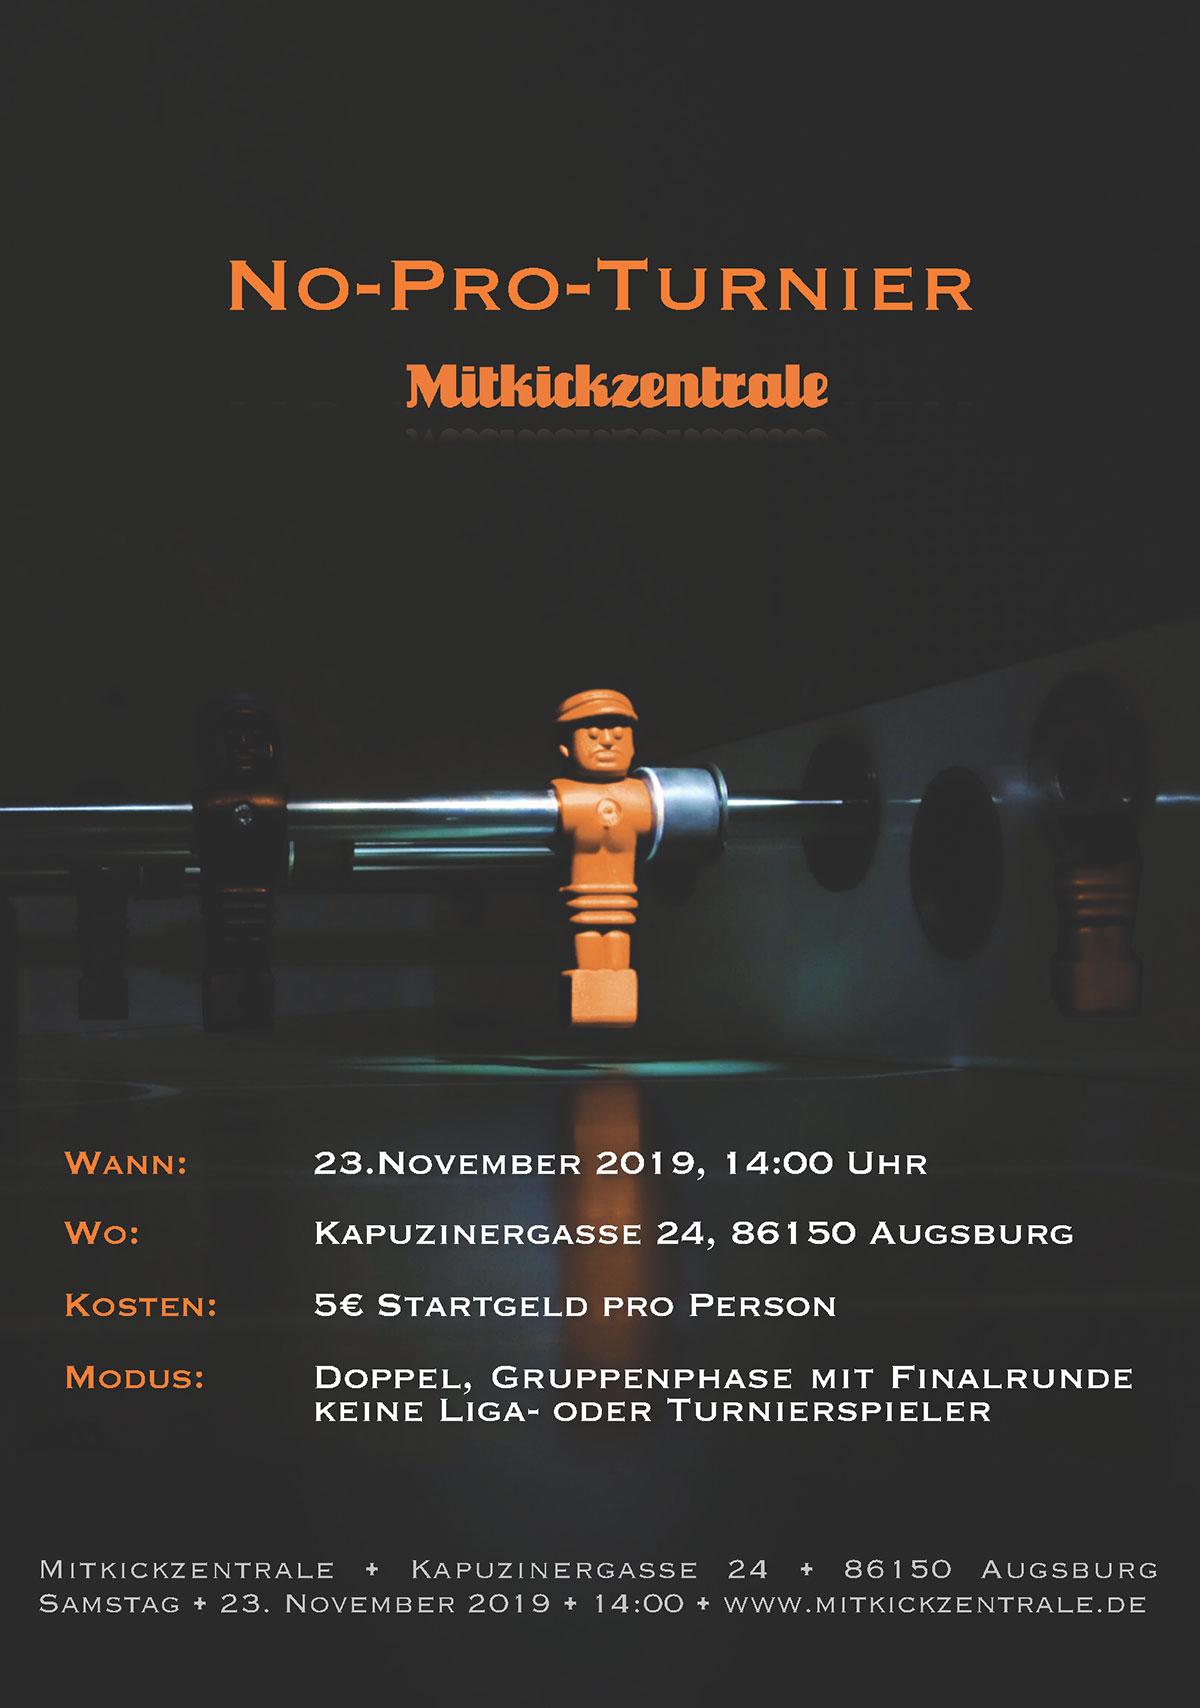 No-Pro-Turnier am 23.11.2019 um 14 Uhr